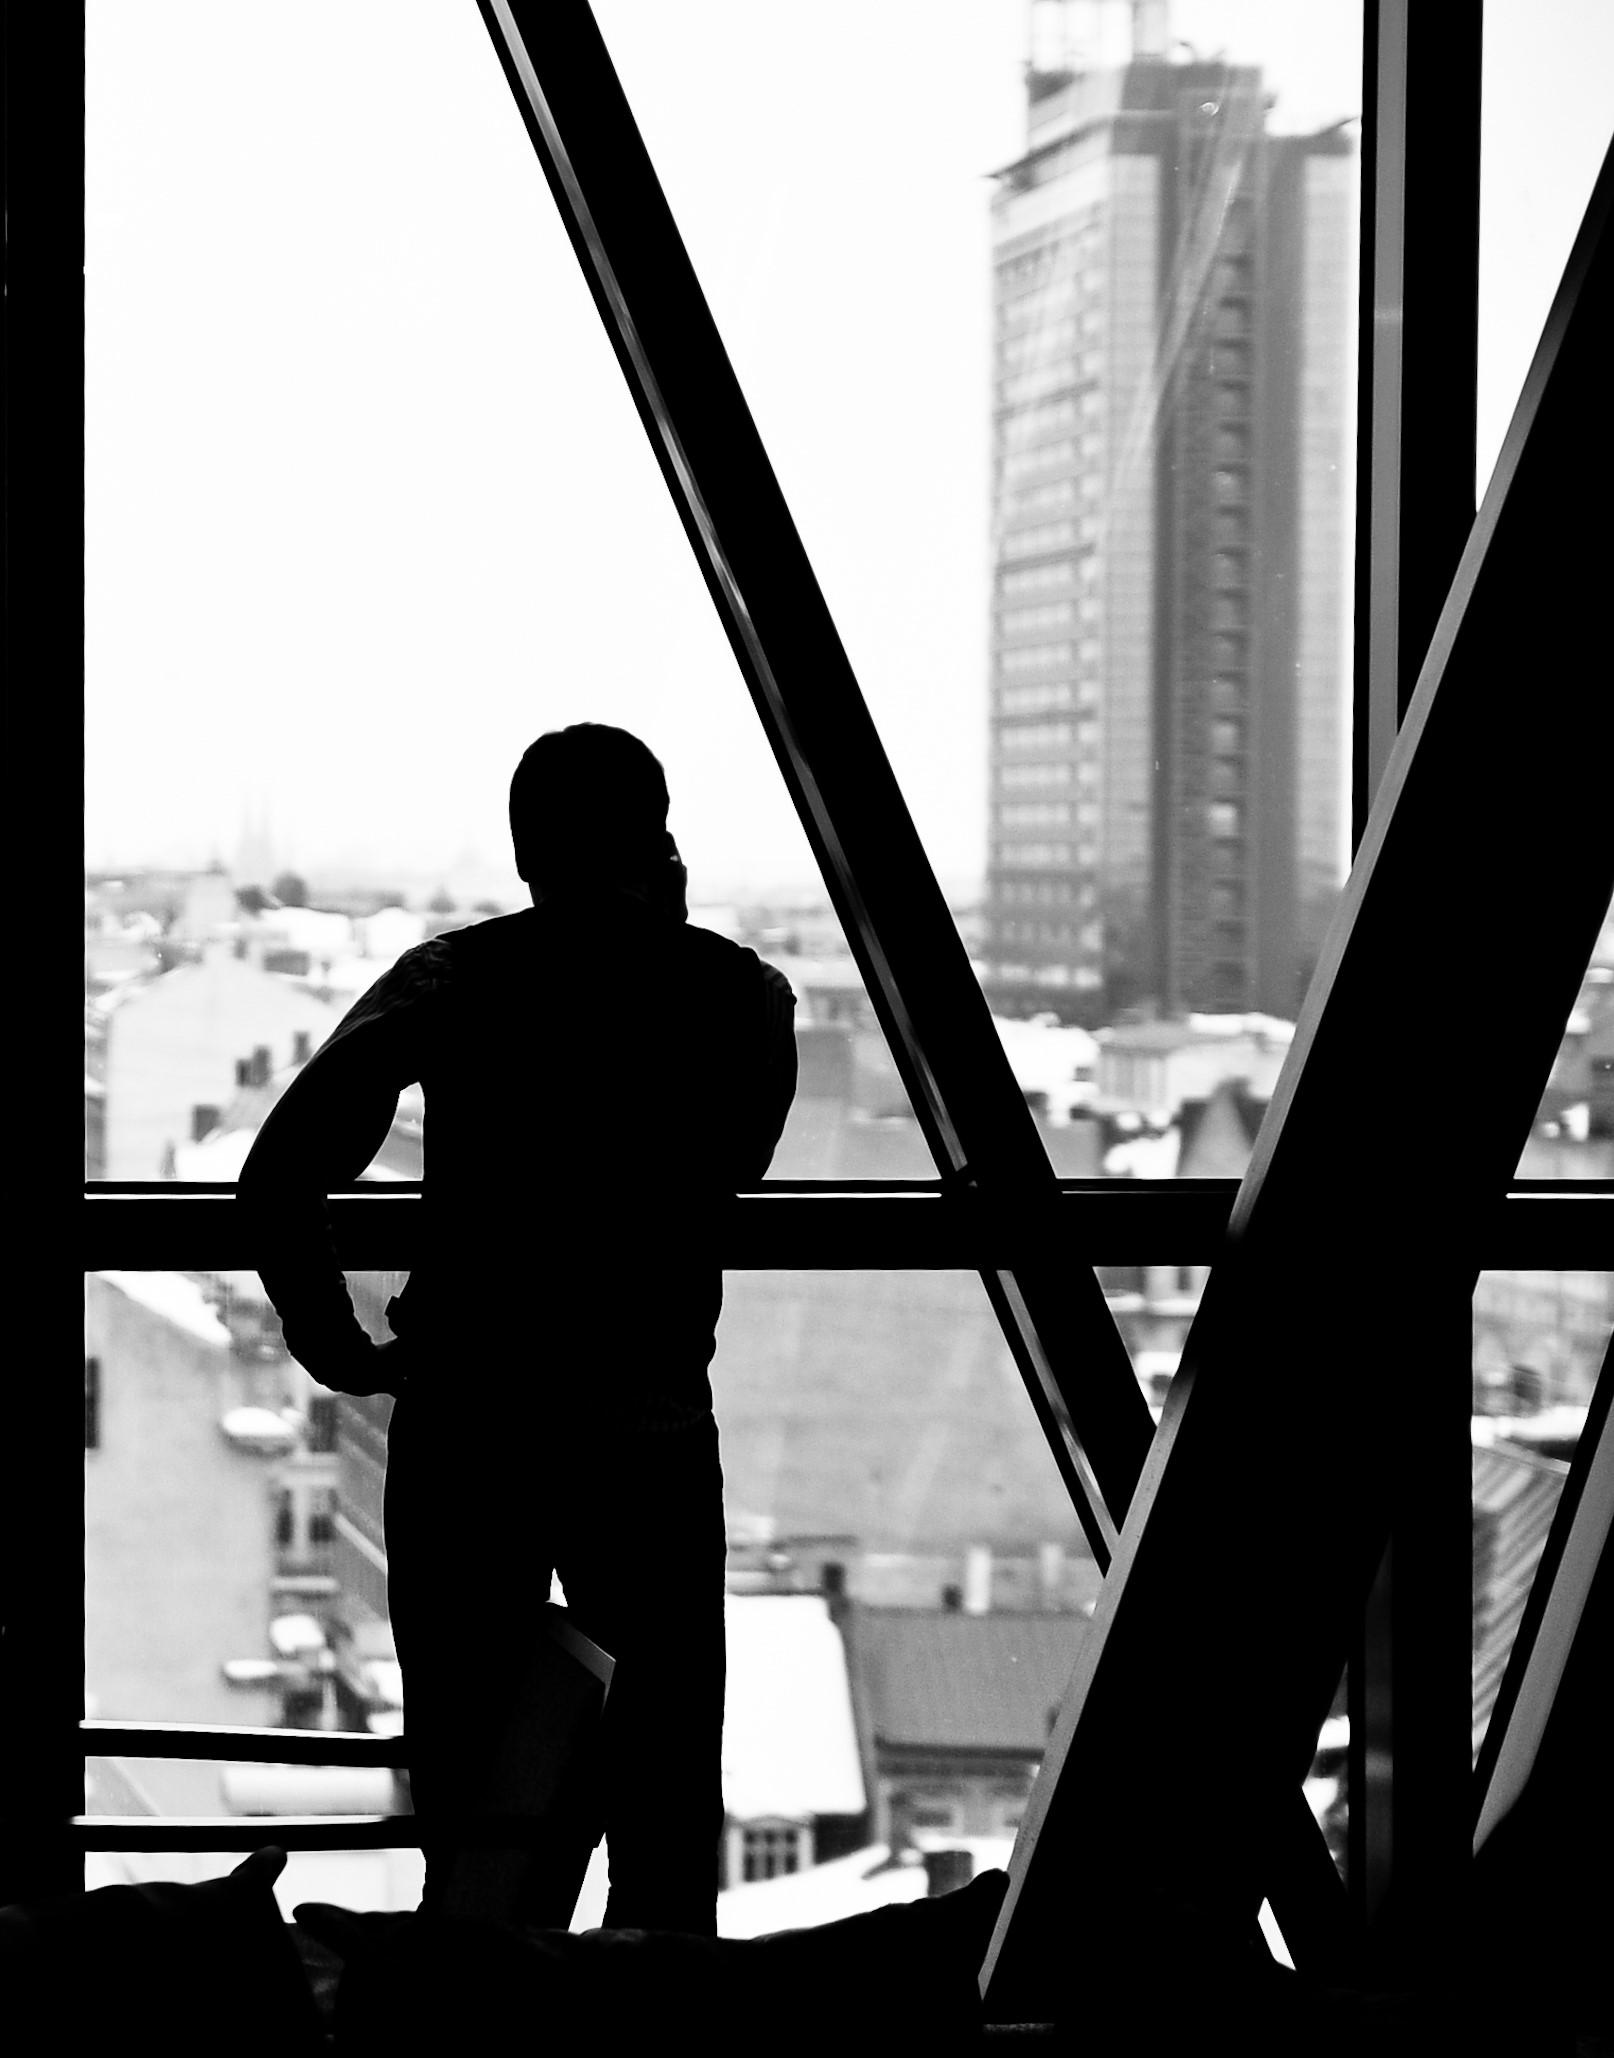 finestra sito destra - Copia bis